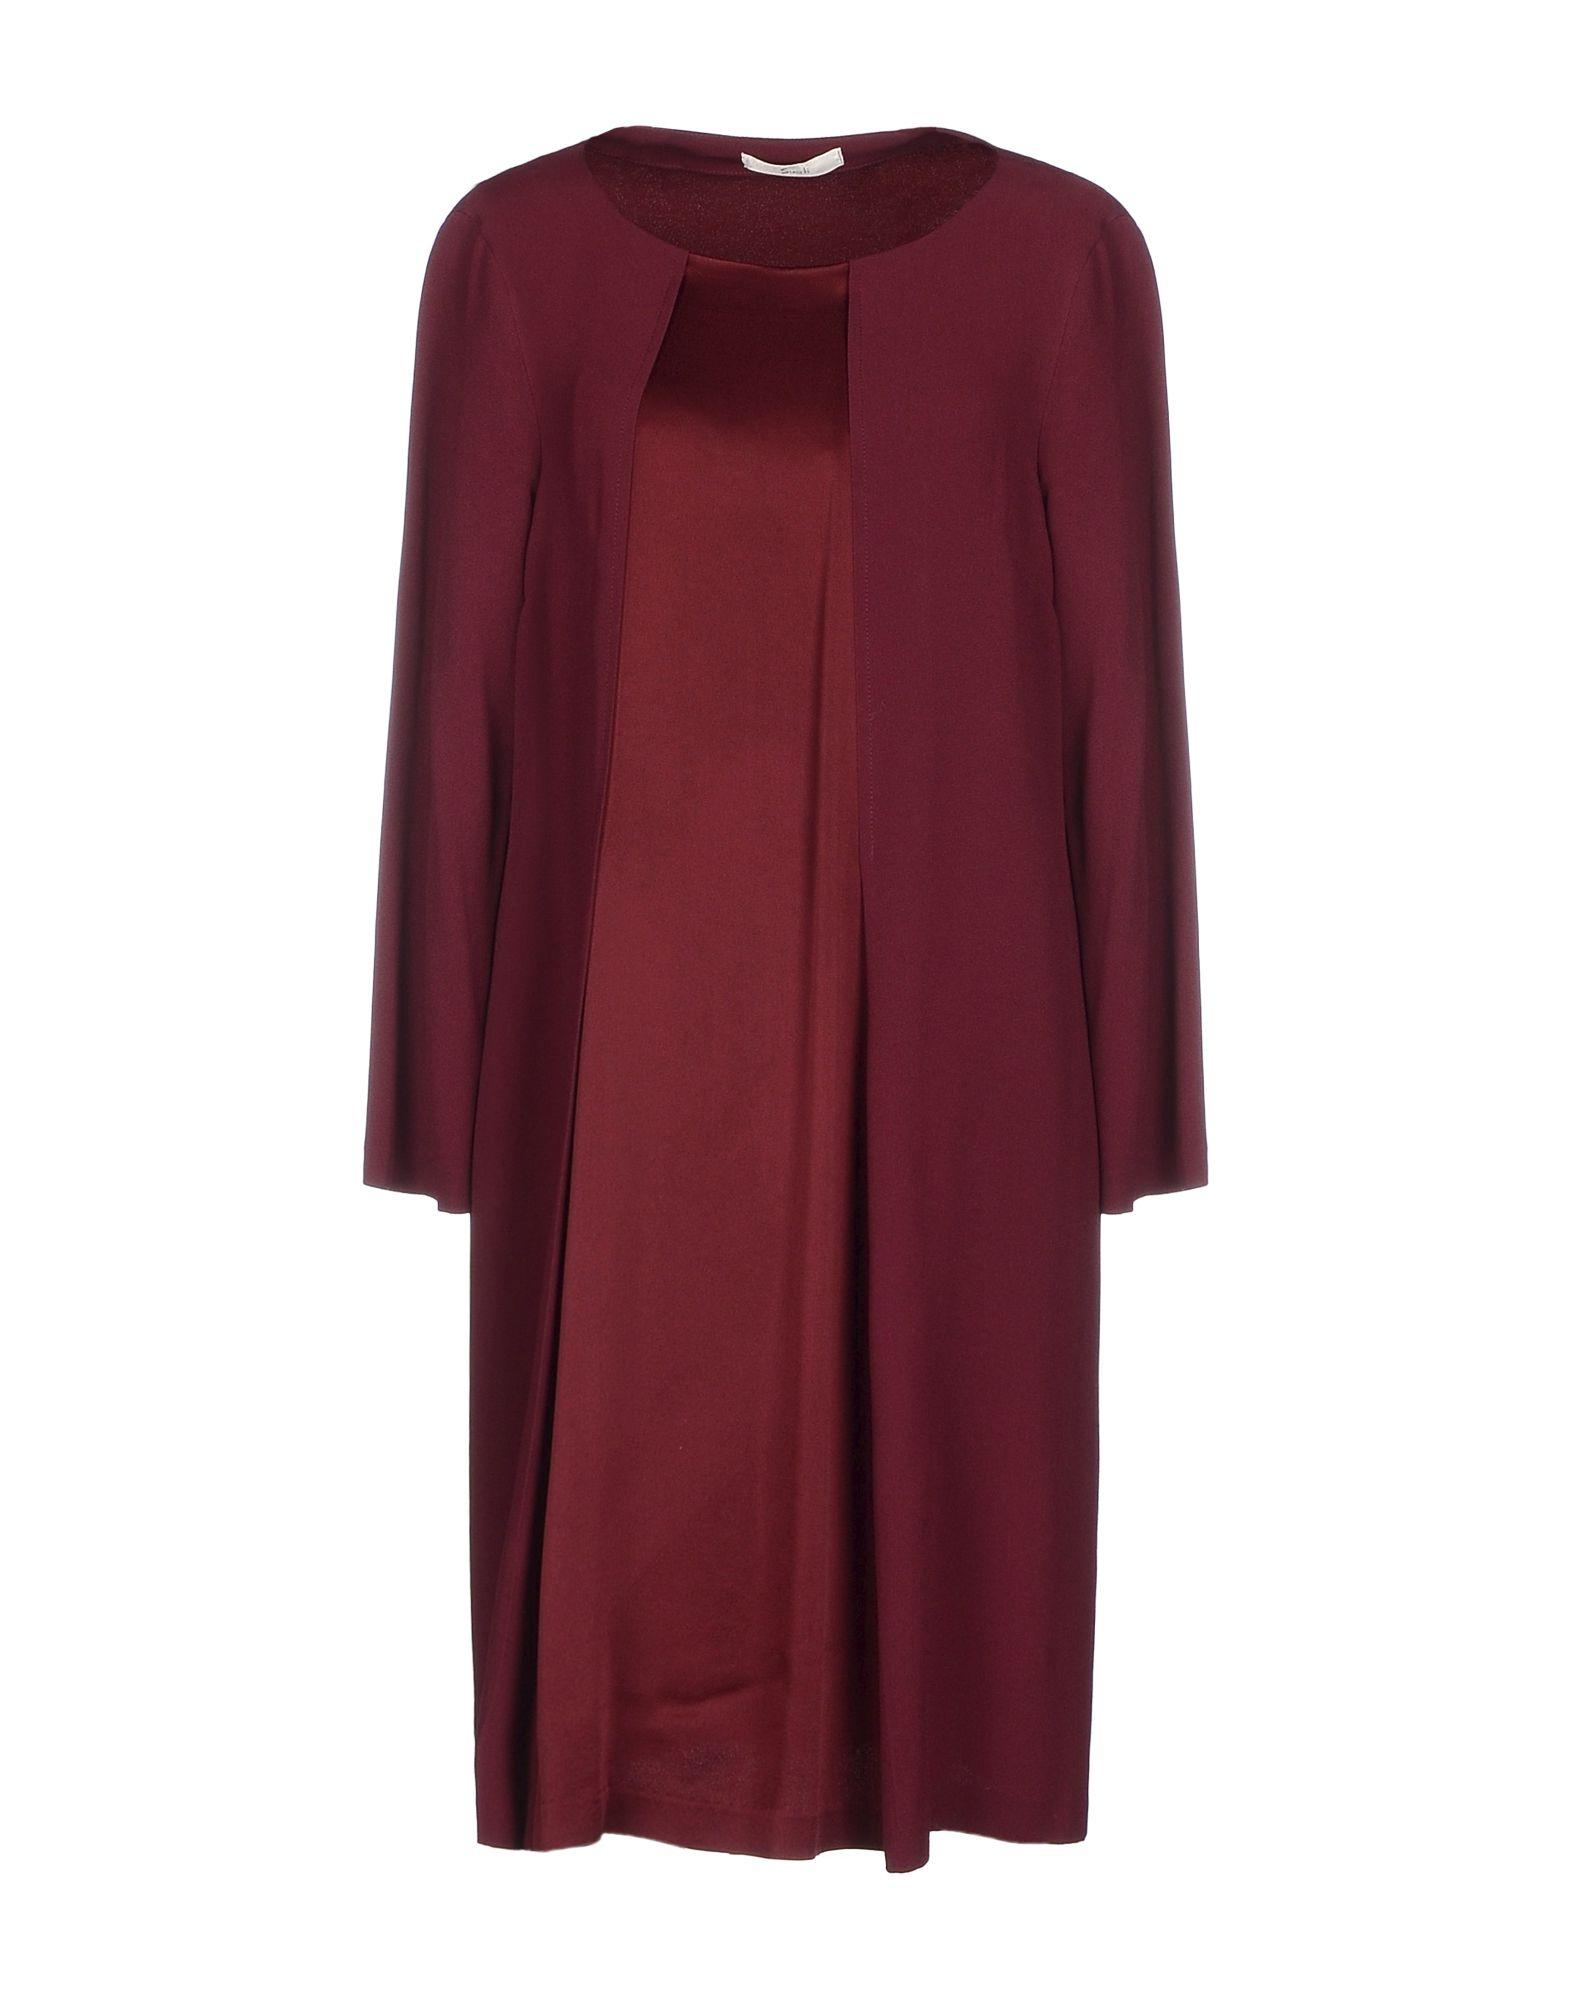 SUOLI Короткое платье платье lusio lusio lu018ewthh55